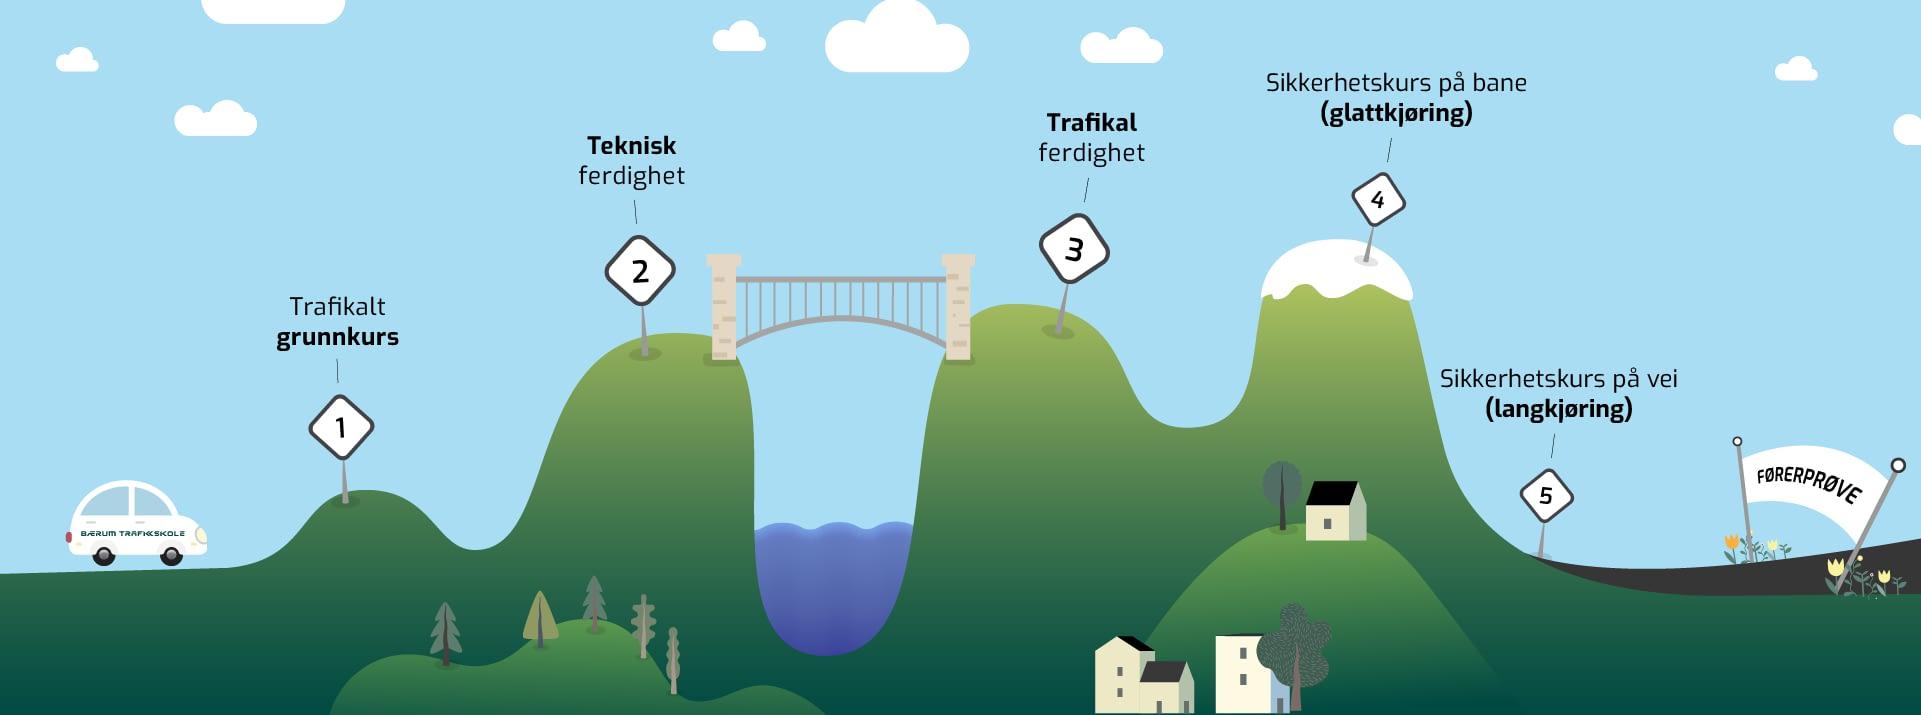 Veien til førerkortet: hva skal til for å få lappen?